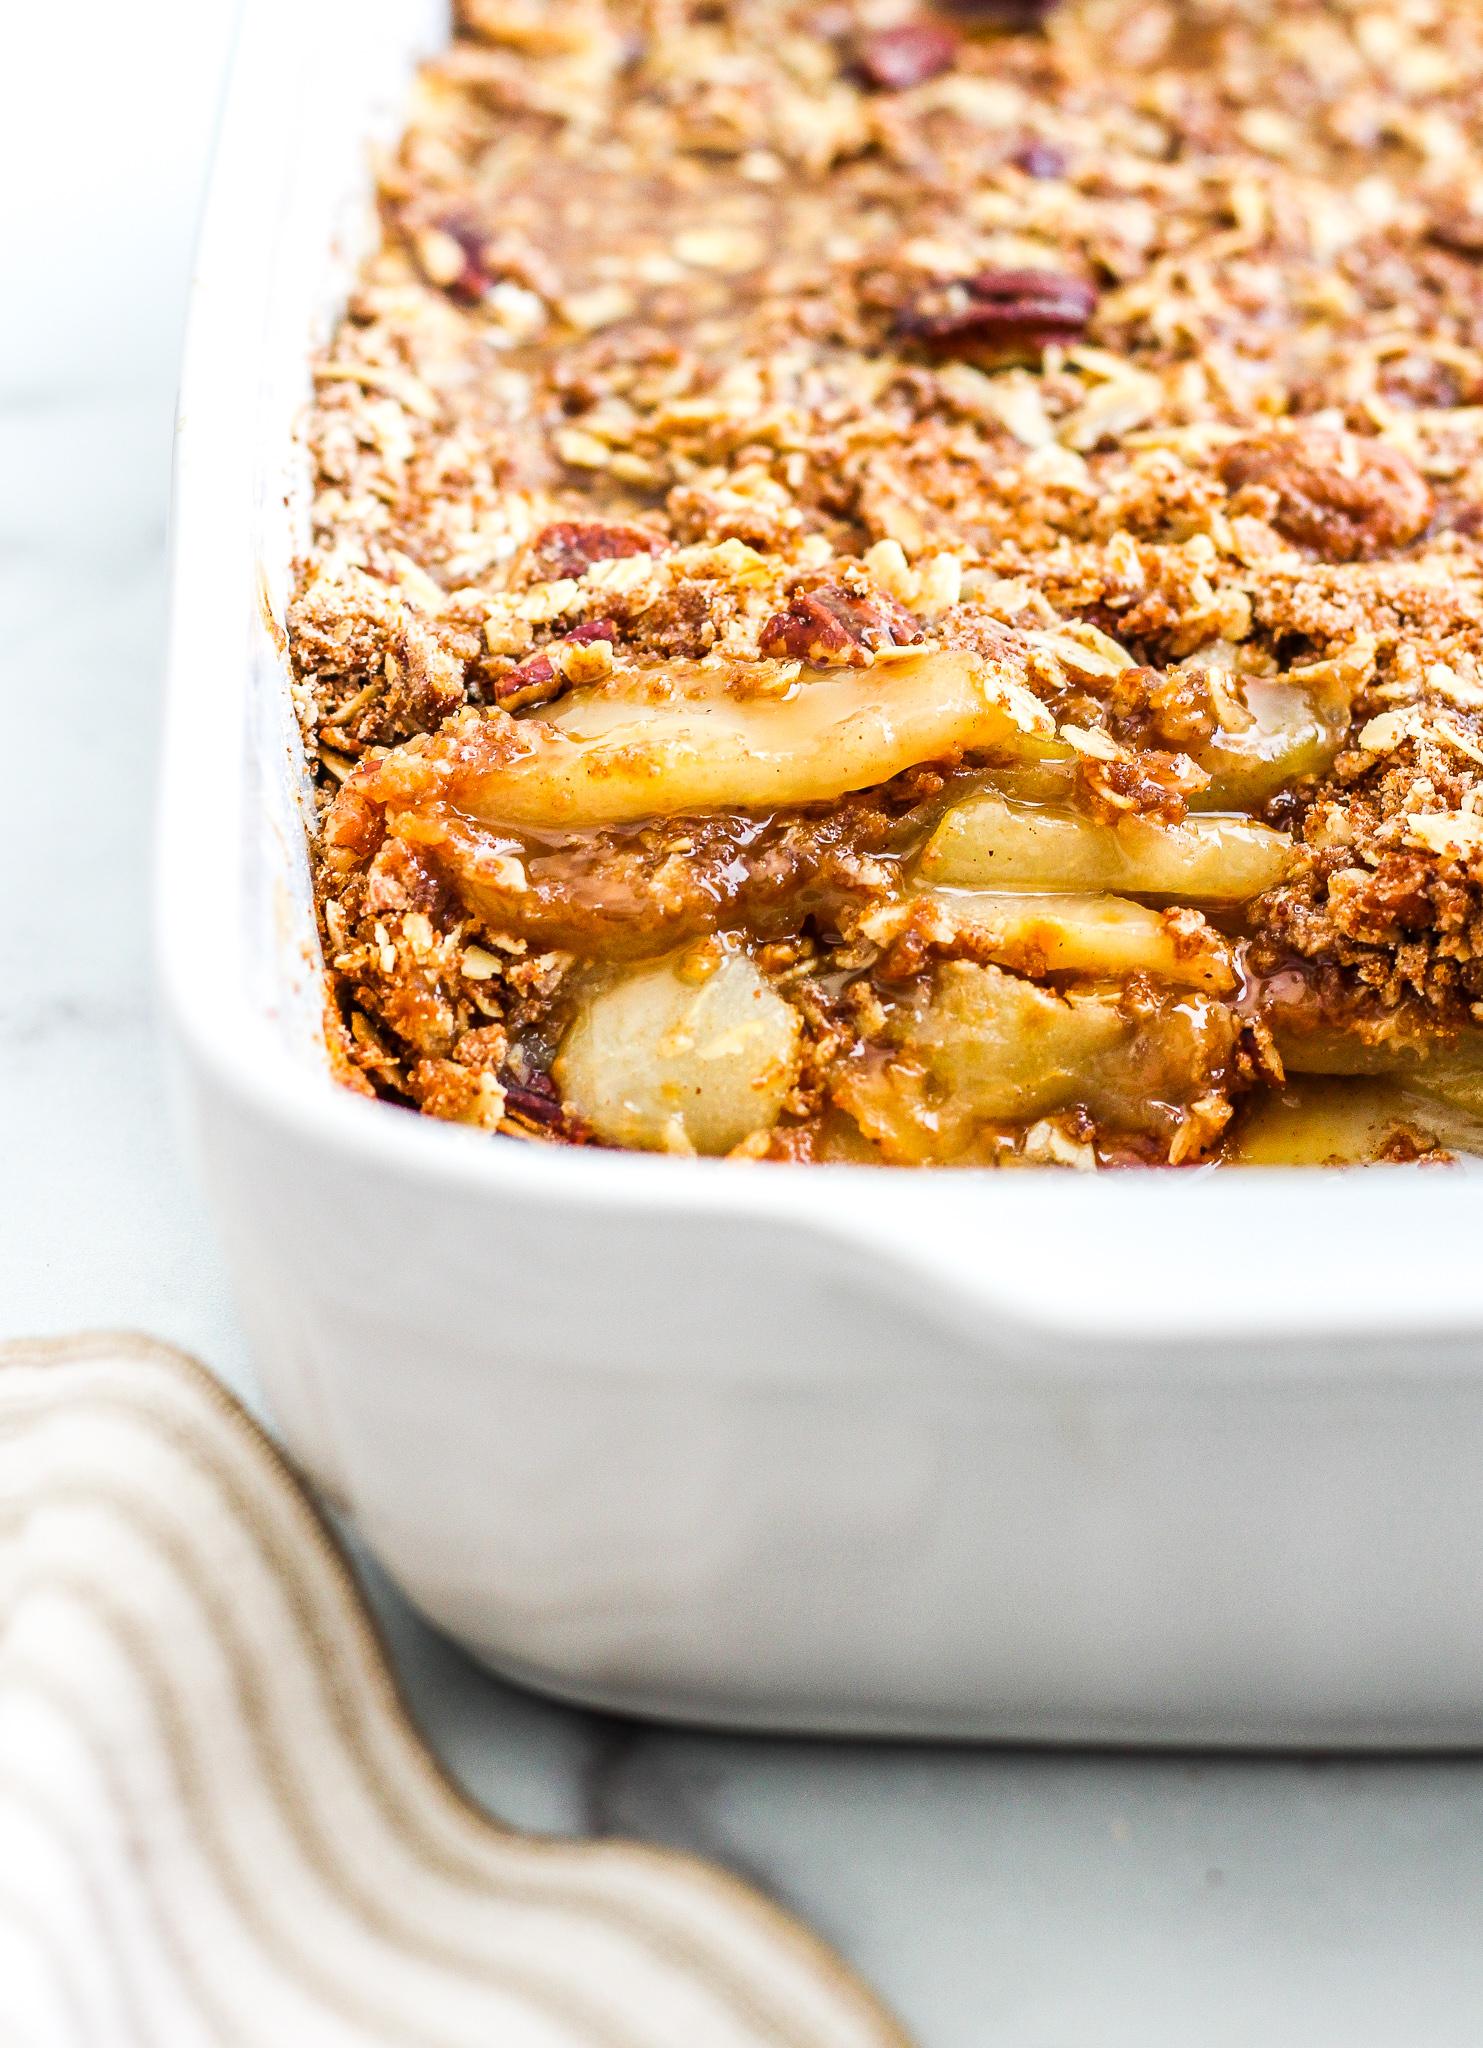 Gluten Free Apple & Pear Crisp in a white baking dish